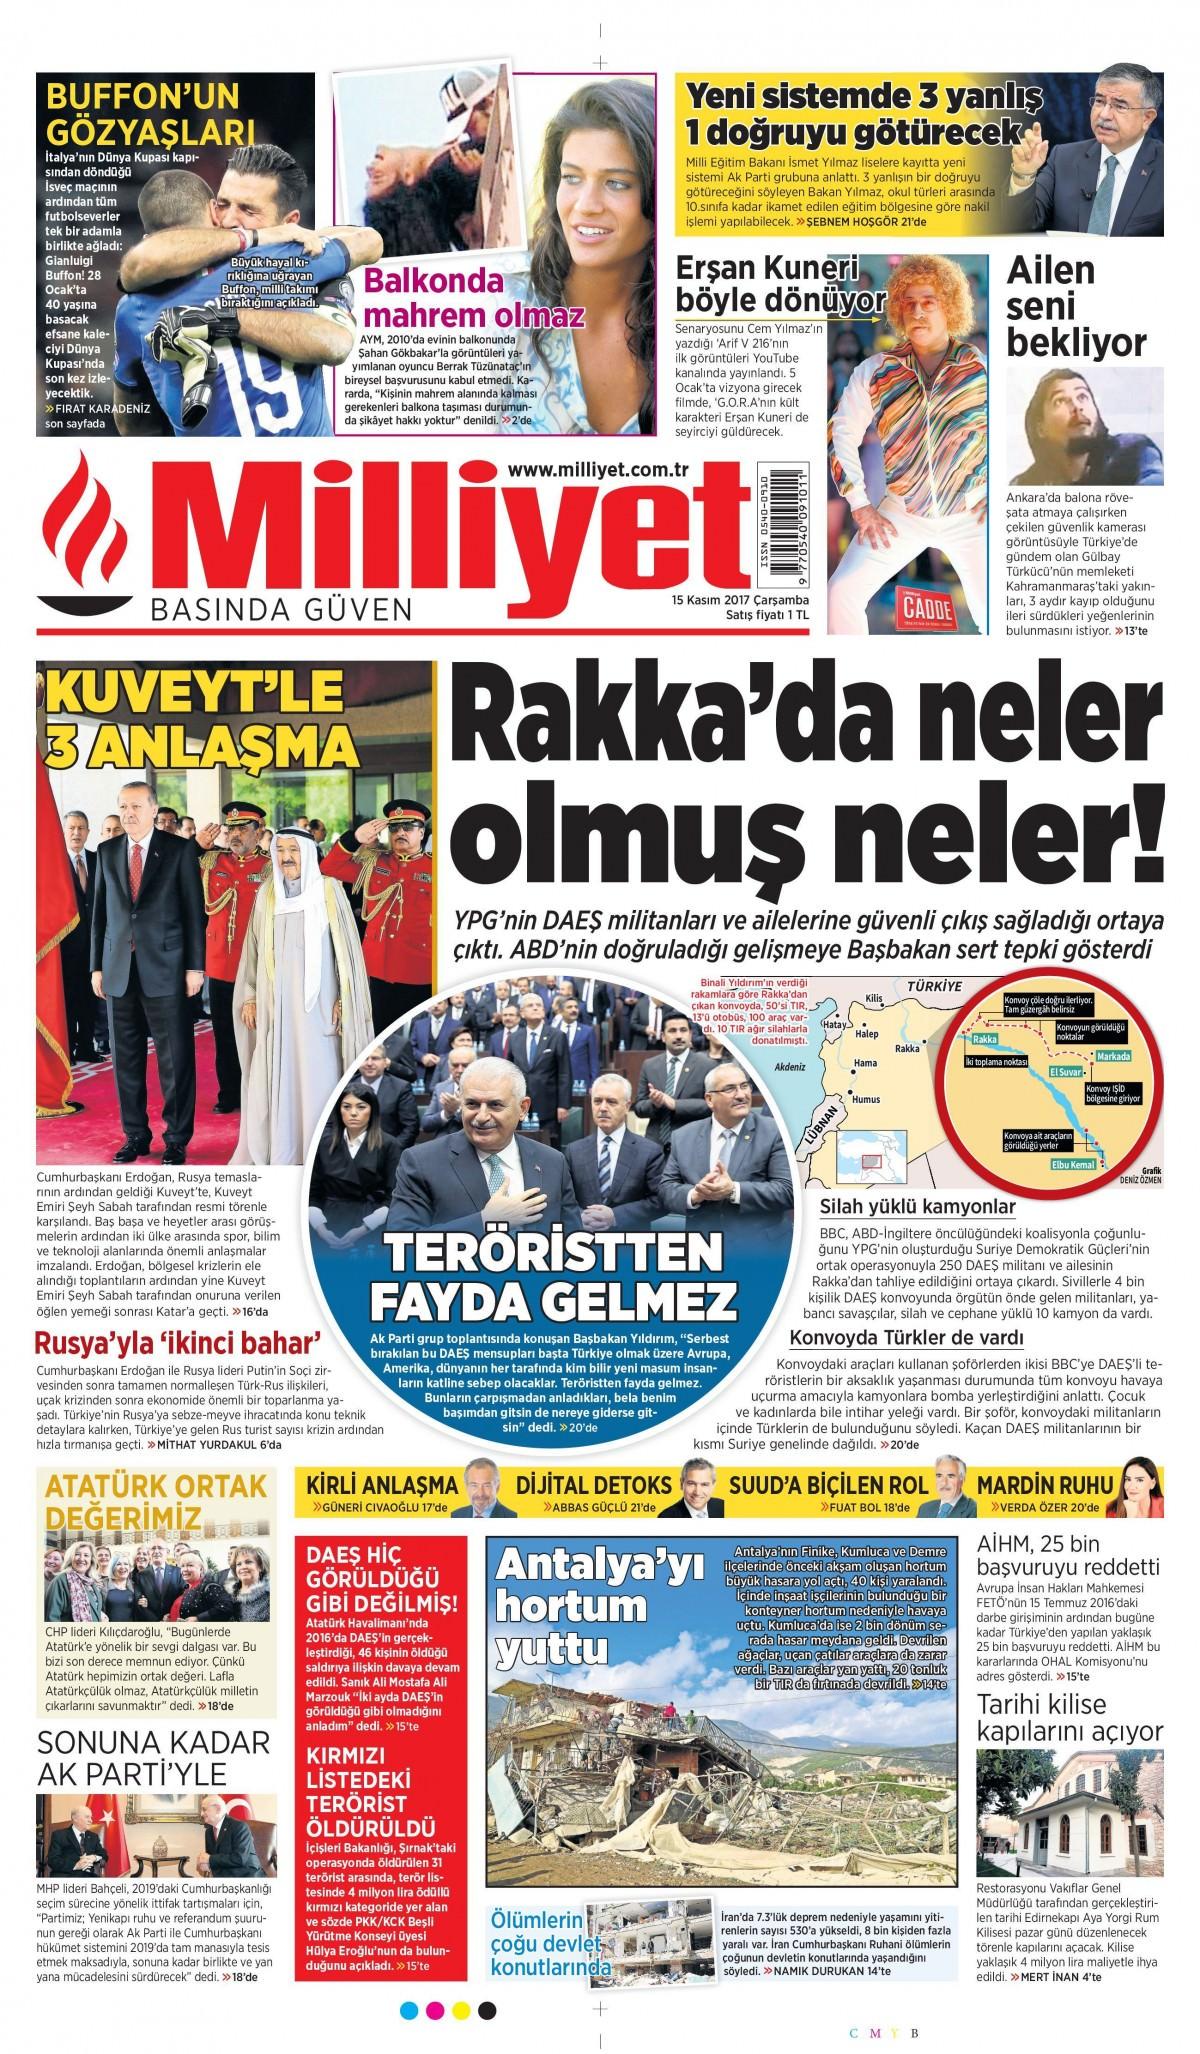 Günün gazete manşetleri (15 Kasım 2017) 3